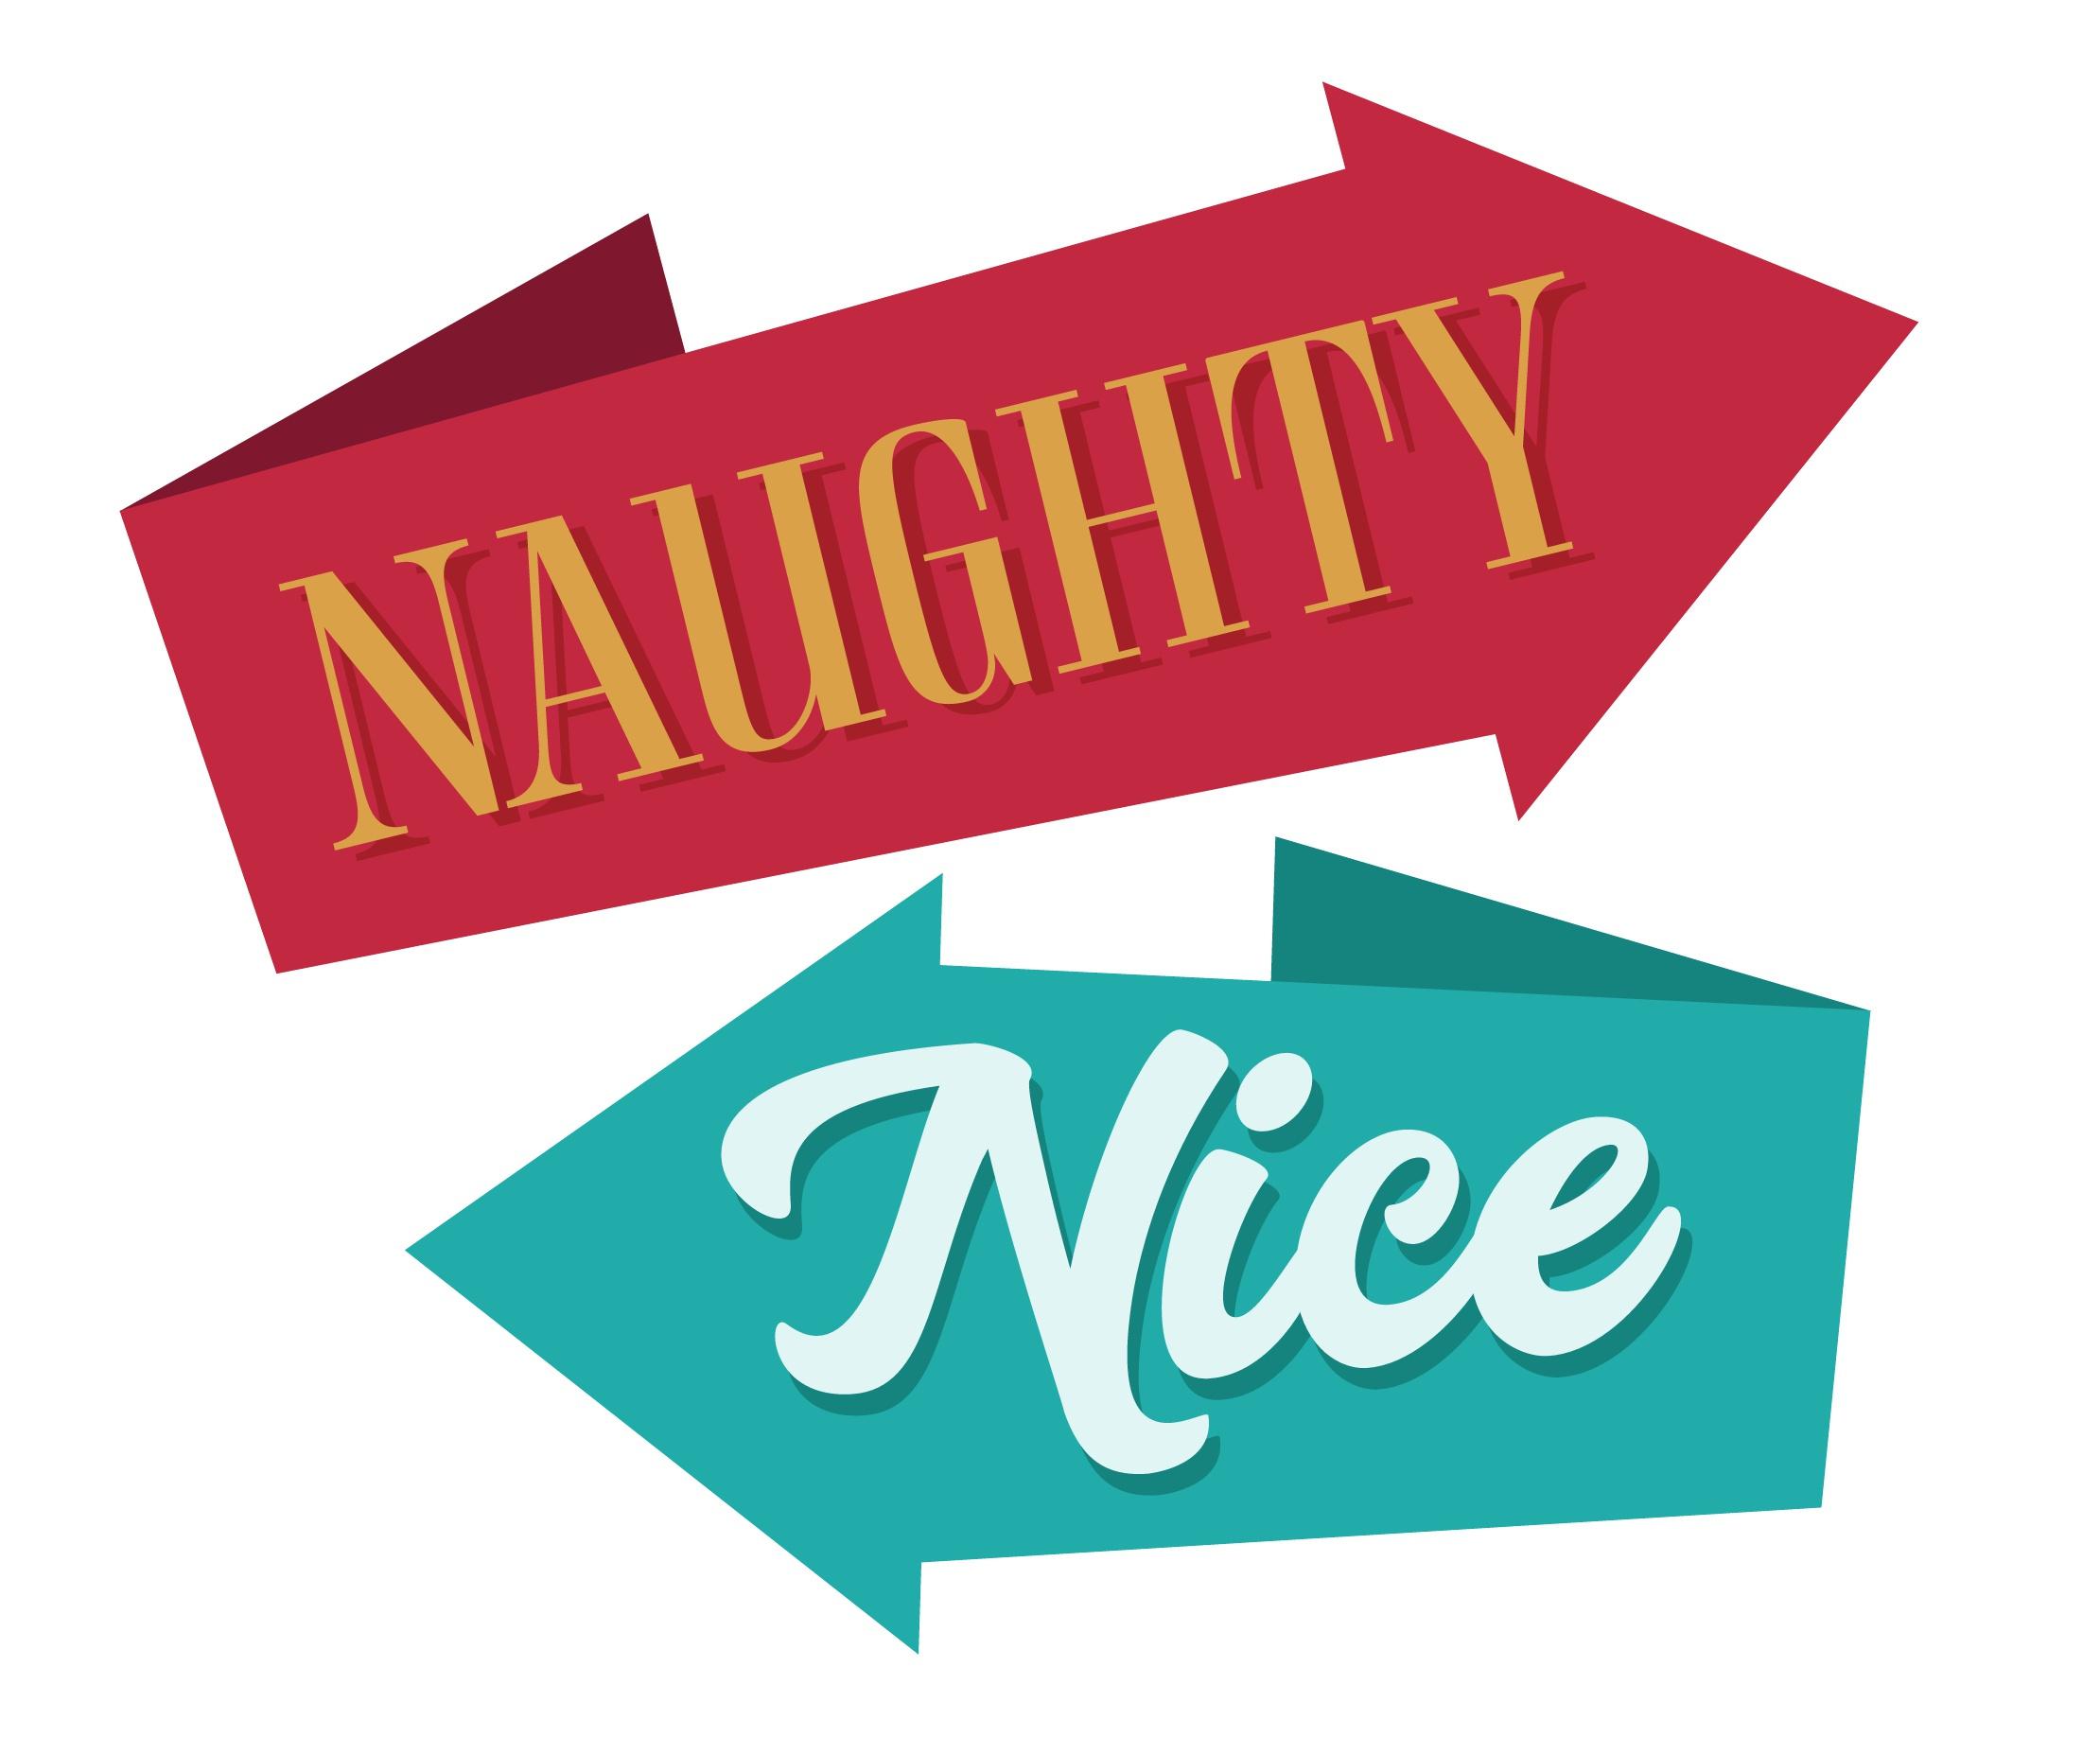 Free Printable Christmas Photo Booth Props | Catch My Party - Free Printable Christmas Props